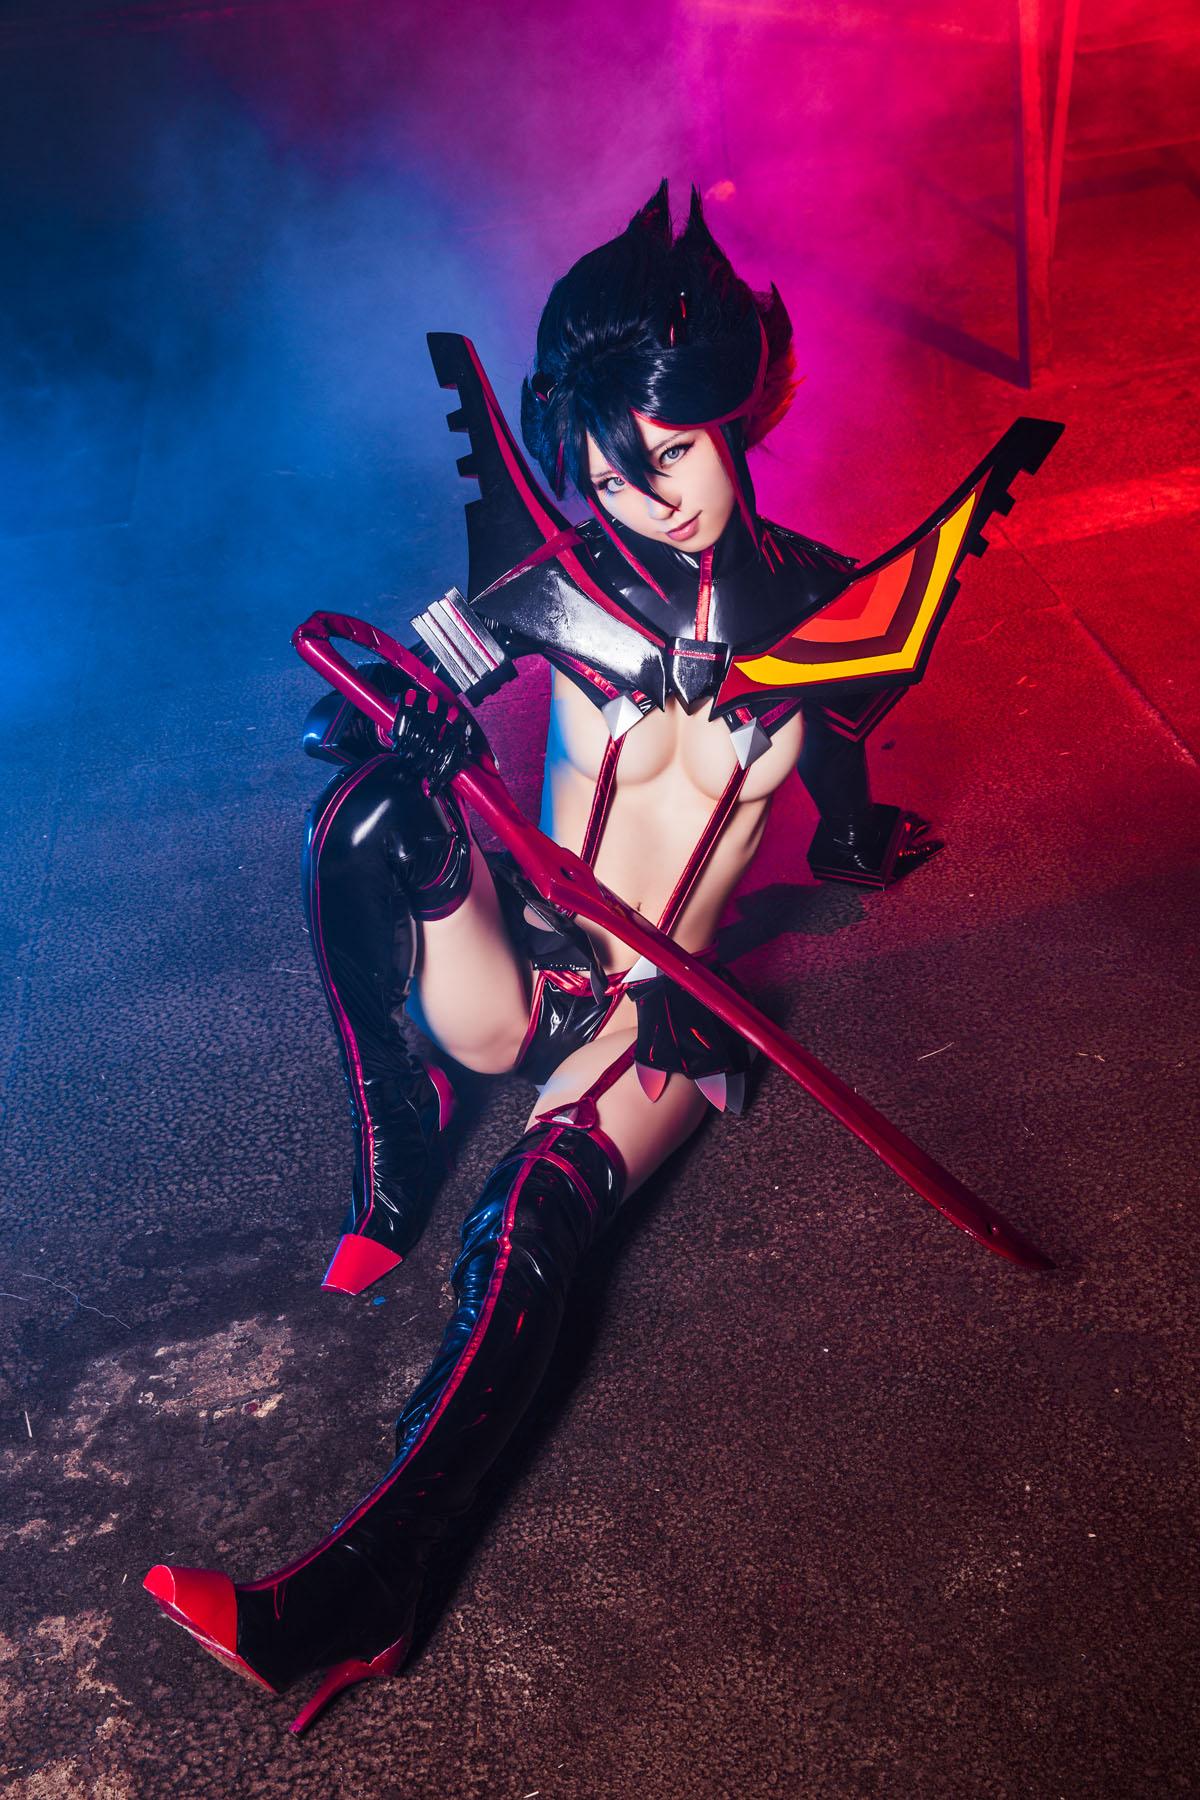 Kill la Kill Ryuuko Matoi anime cosplay by Mikehouse 0051